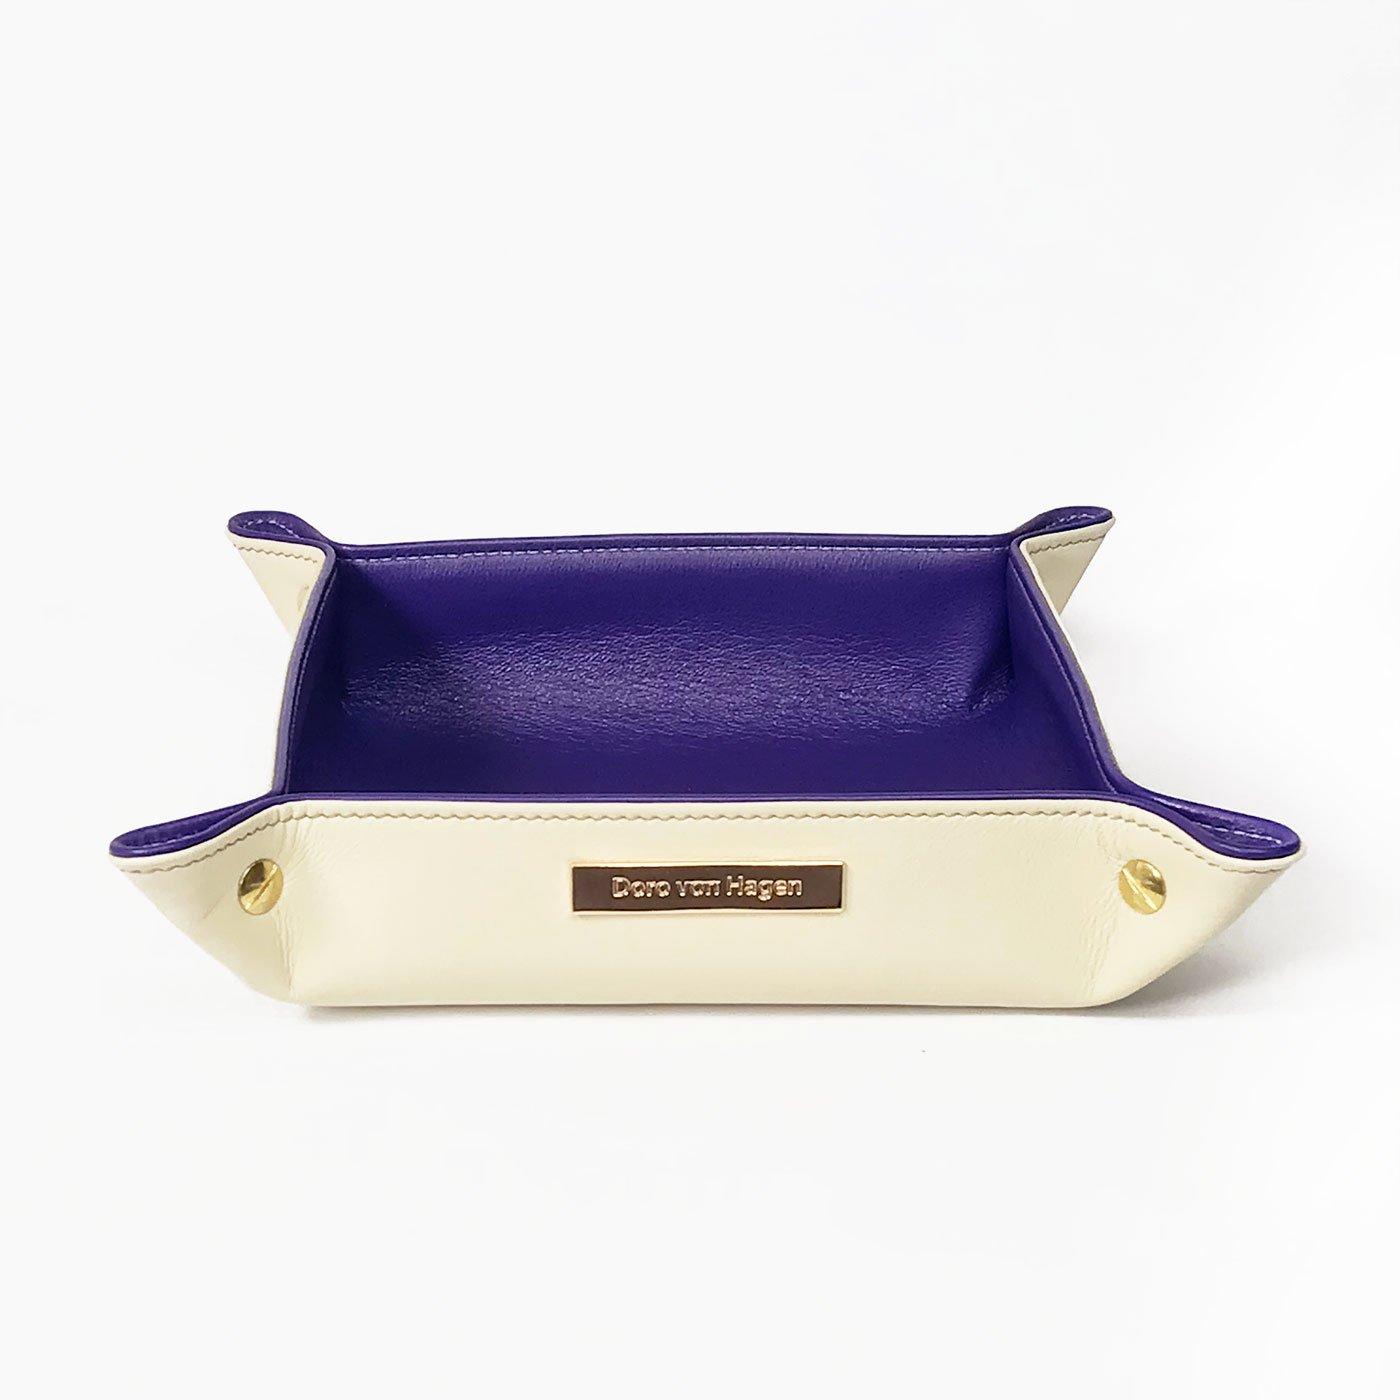 Vera Pelle Designer Chiave ripiano/Svuotatasche, Limited Edition, 20x 20cm, esterno crema, interno viola. Fatto a mano nel nostro negozio atelier in Germania, con tessuto di raso regalo imballaggio (L 3–24) Doro von Hagen